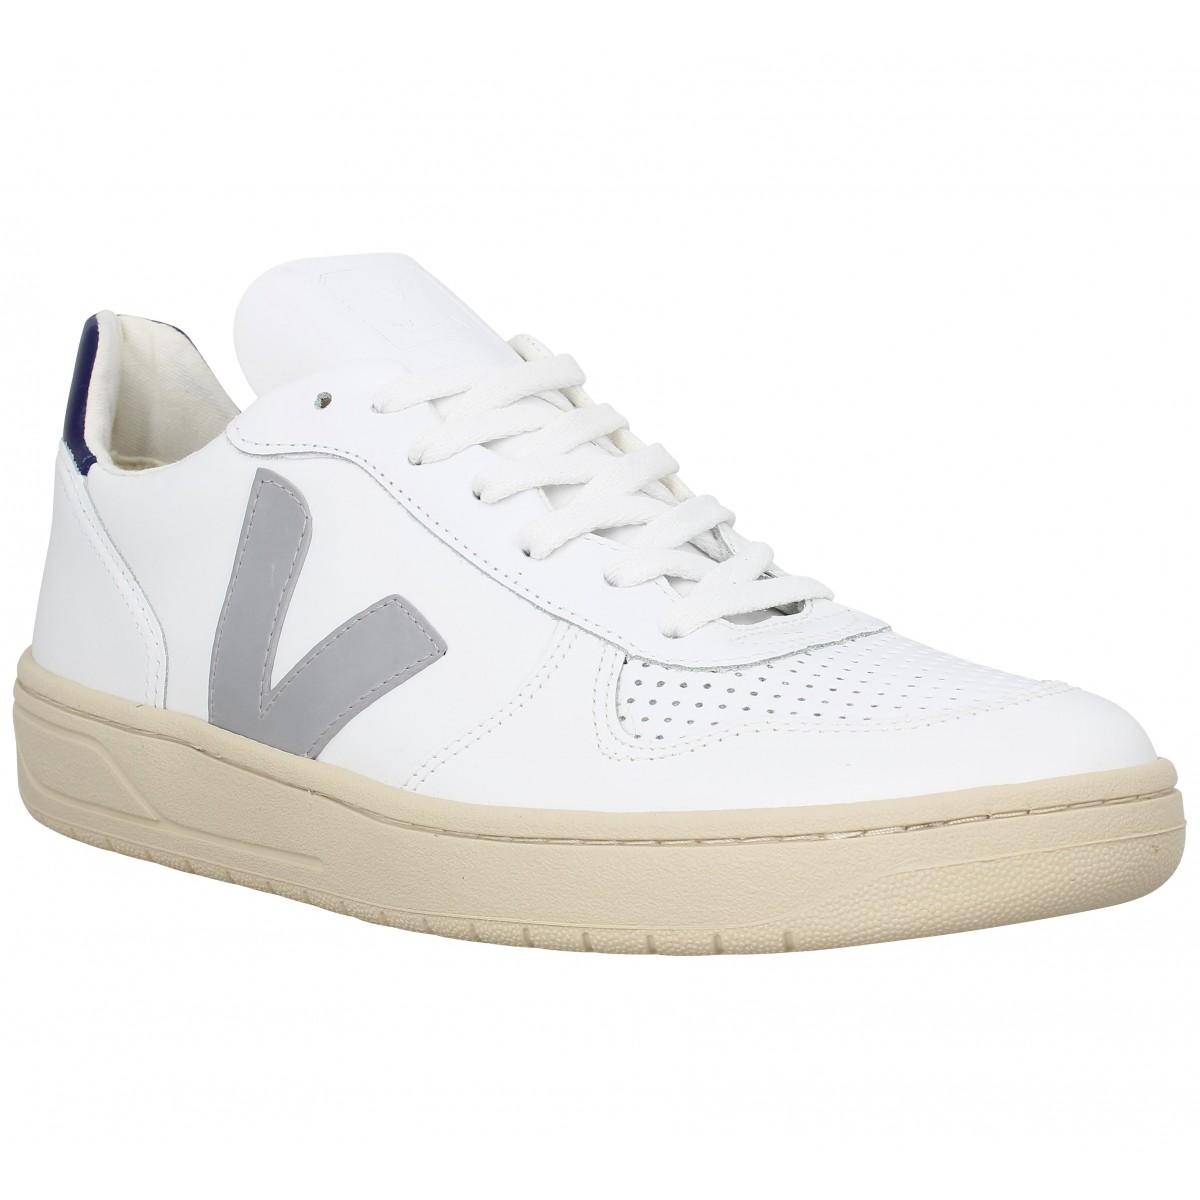 Baskets VEJA V10 cuir Homme Blanc Gris